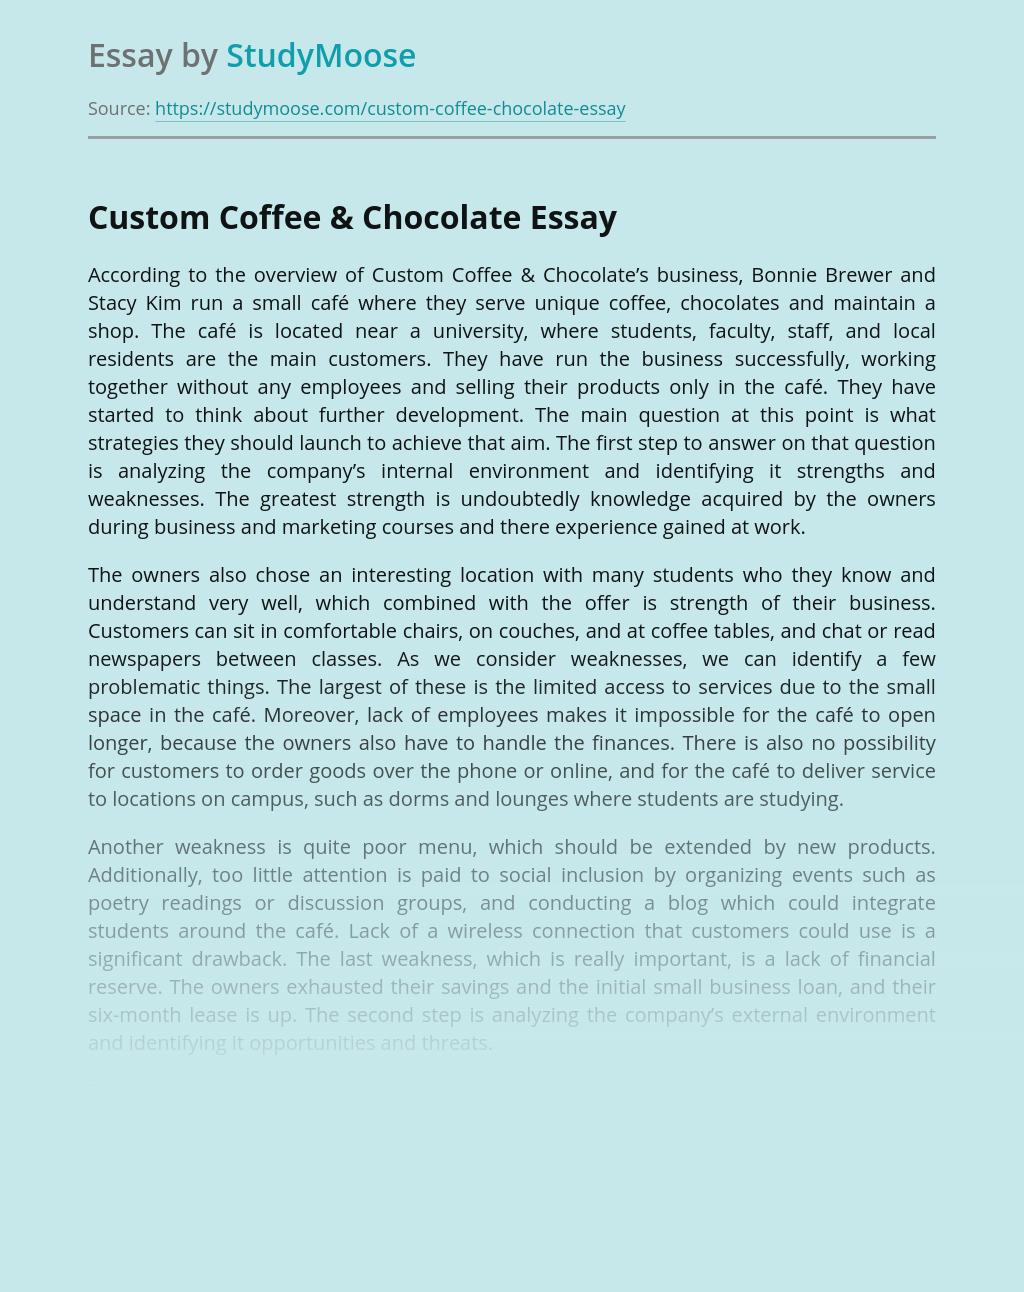 Custom Coffee & Chocolate